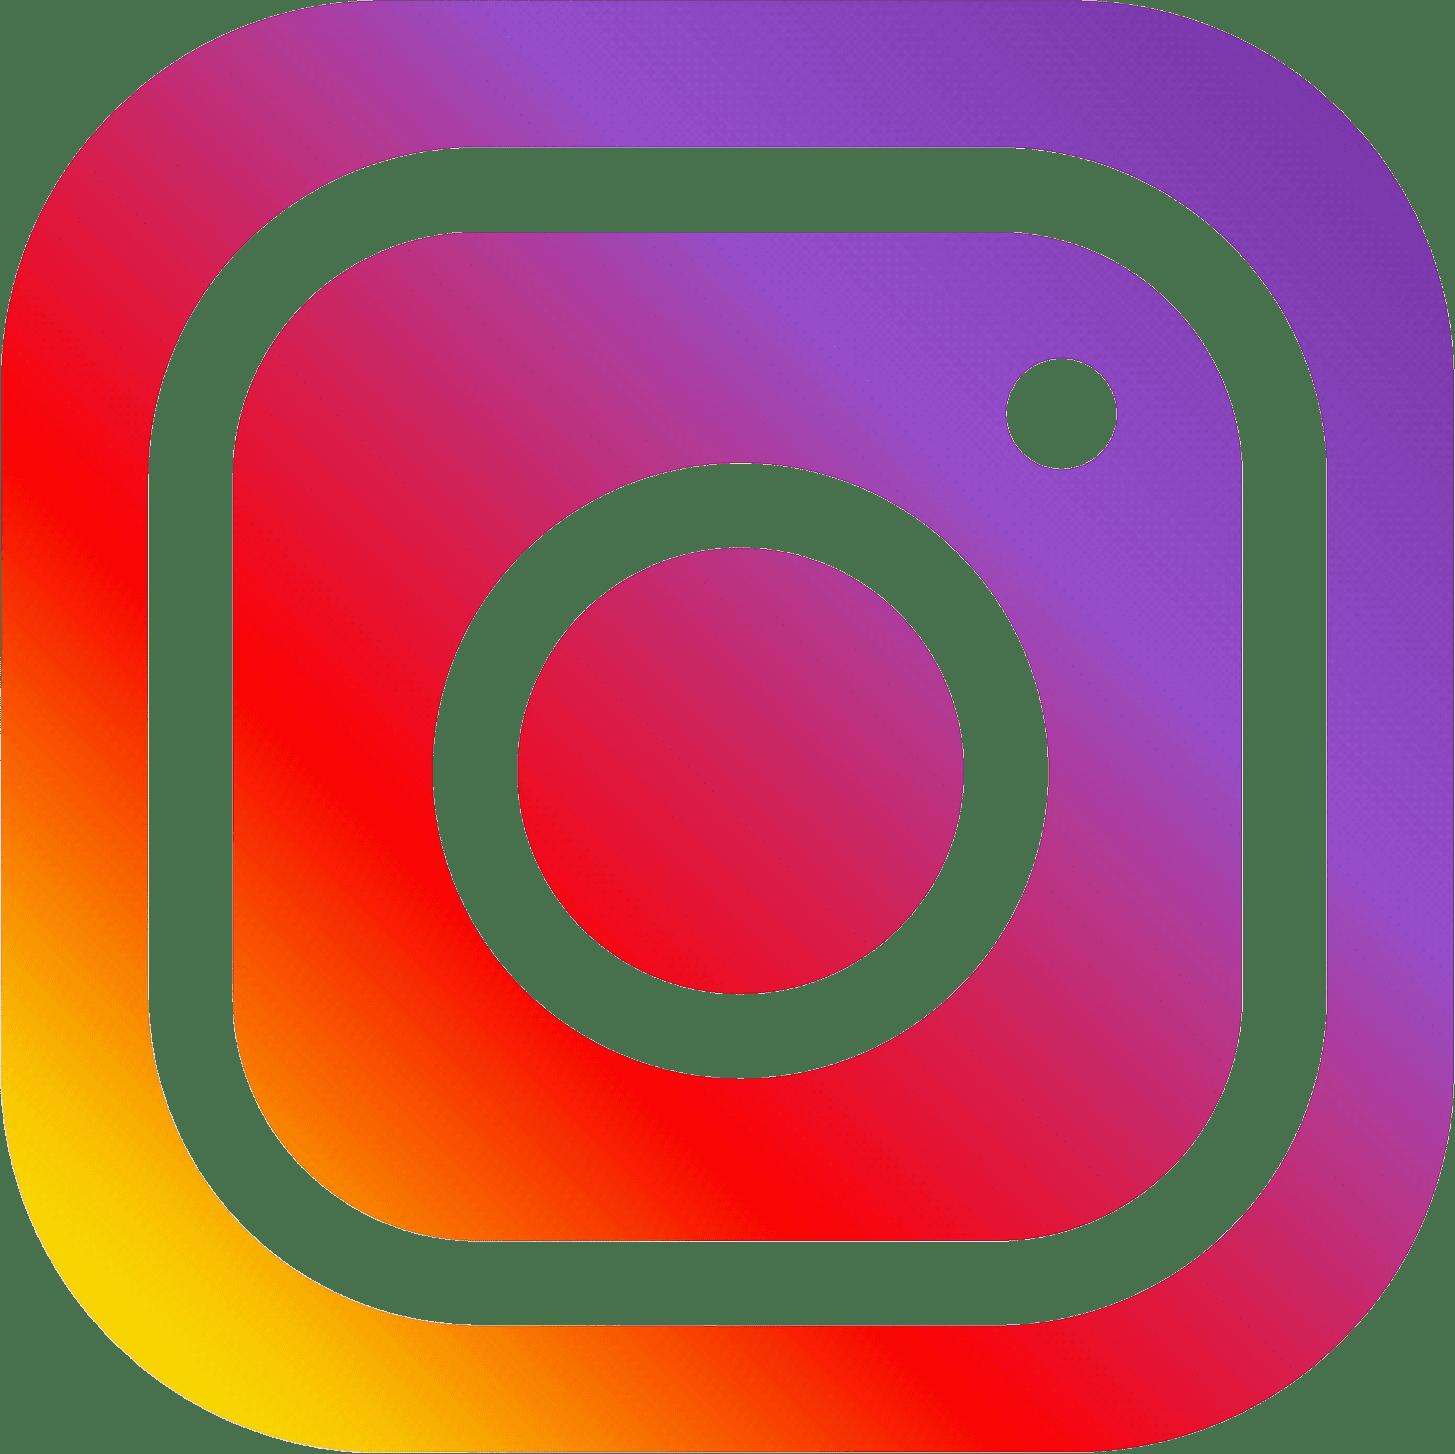 https://www.instagram.com/individualnie.kuhni/